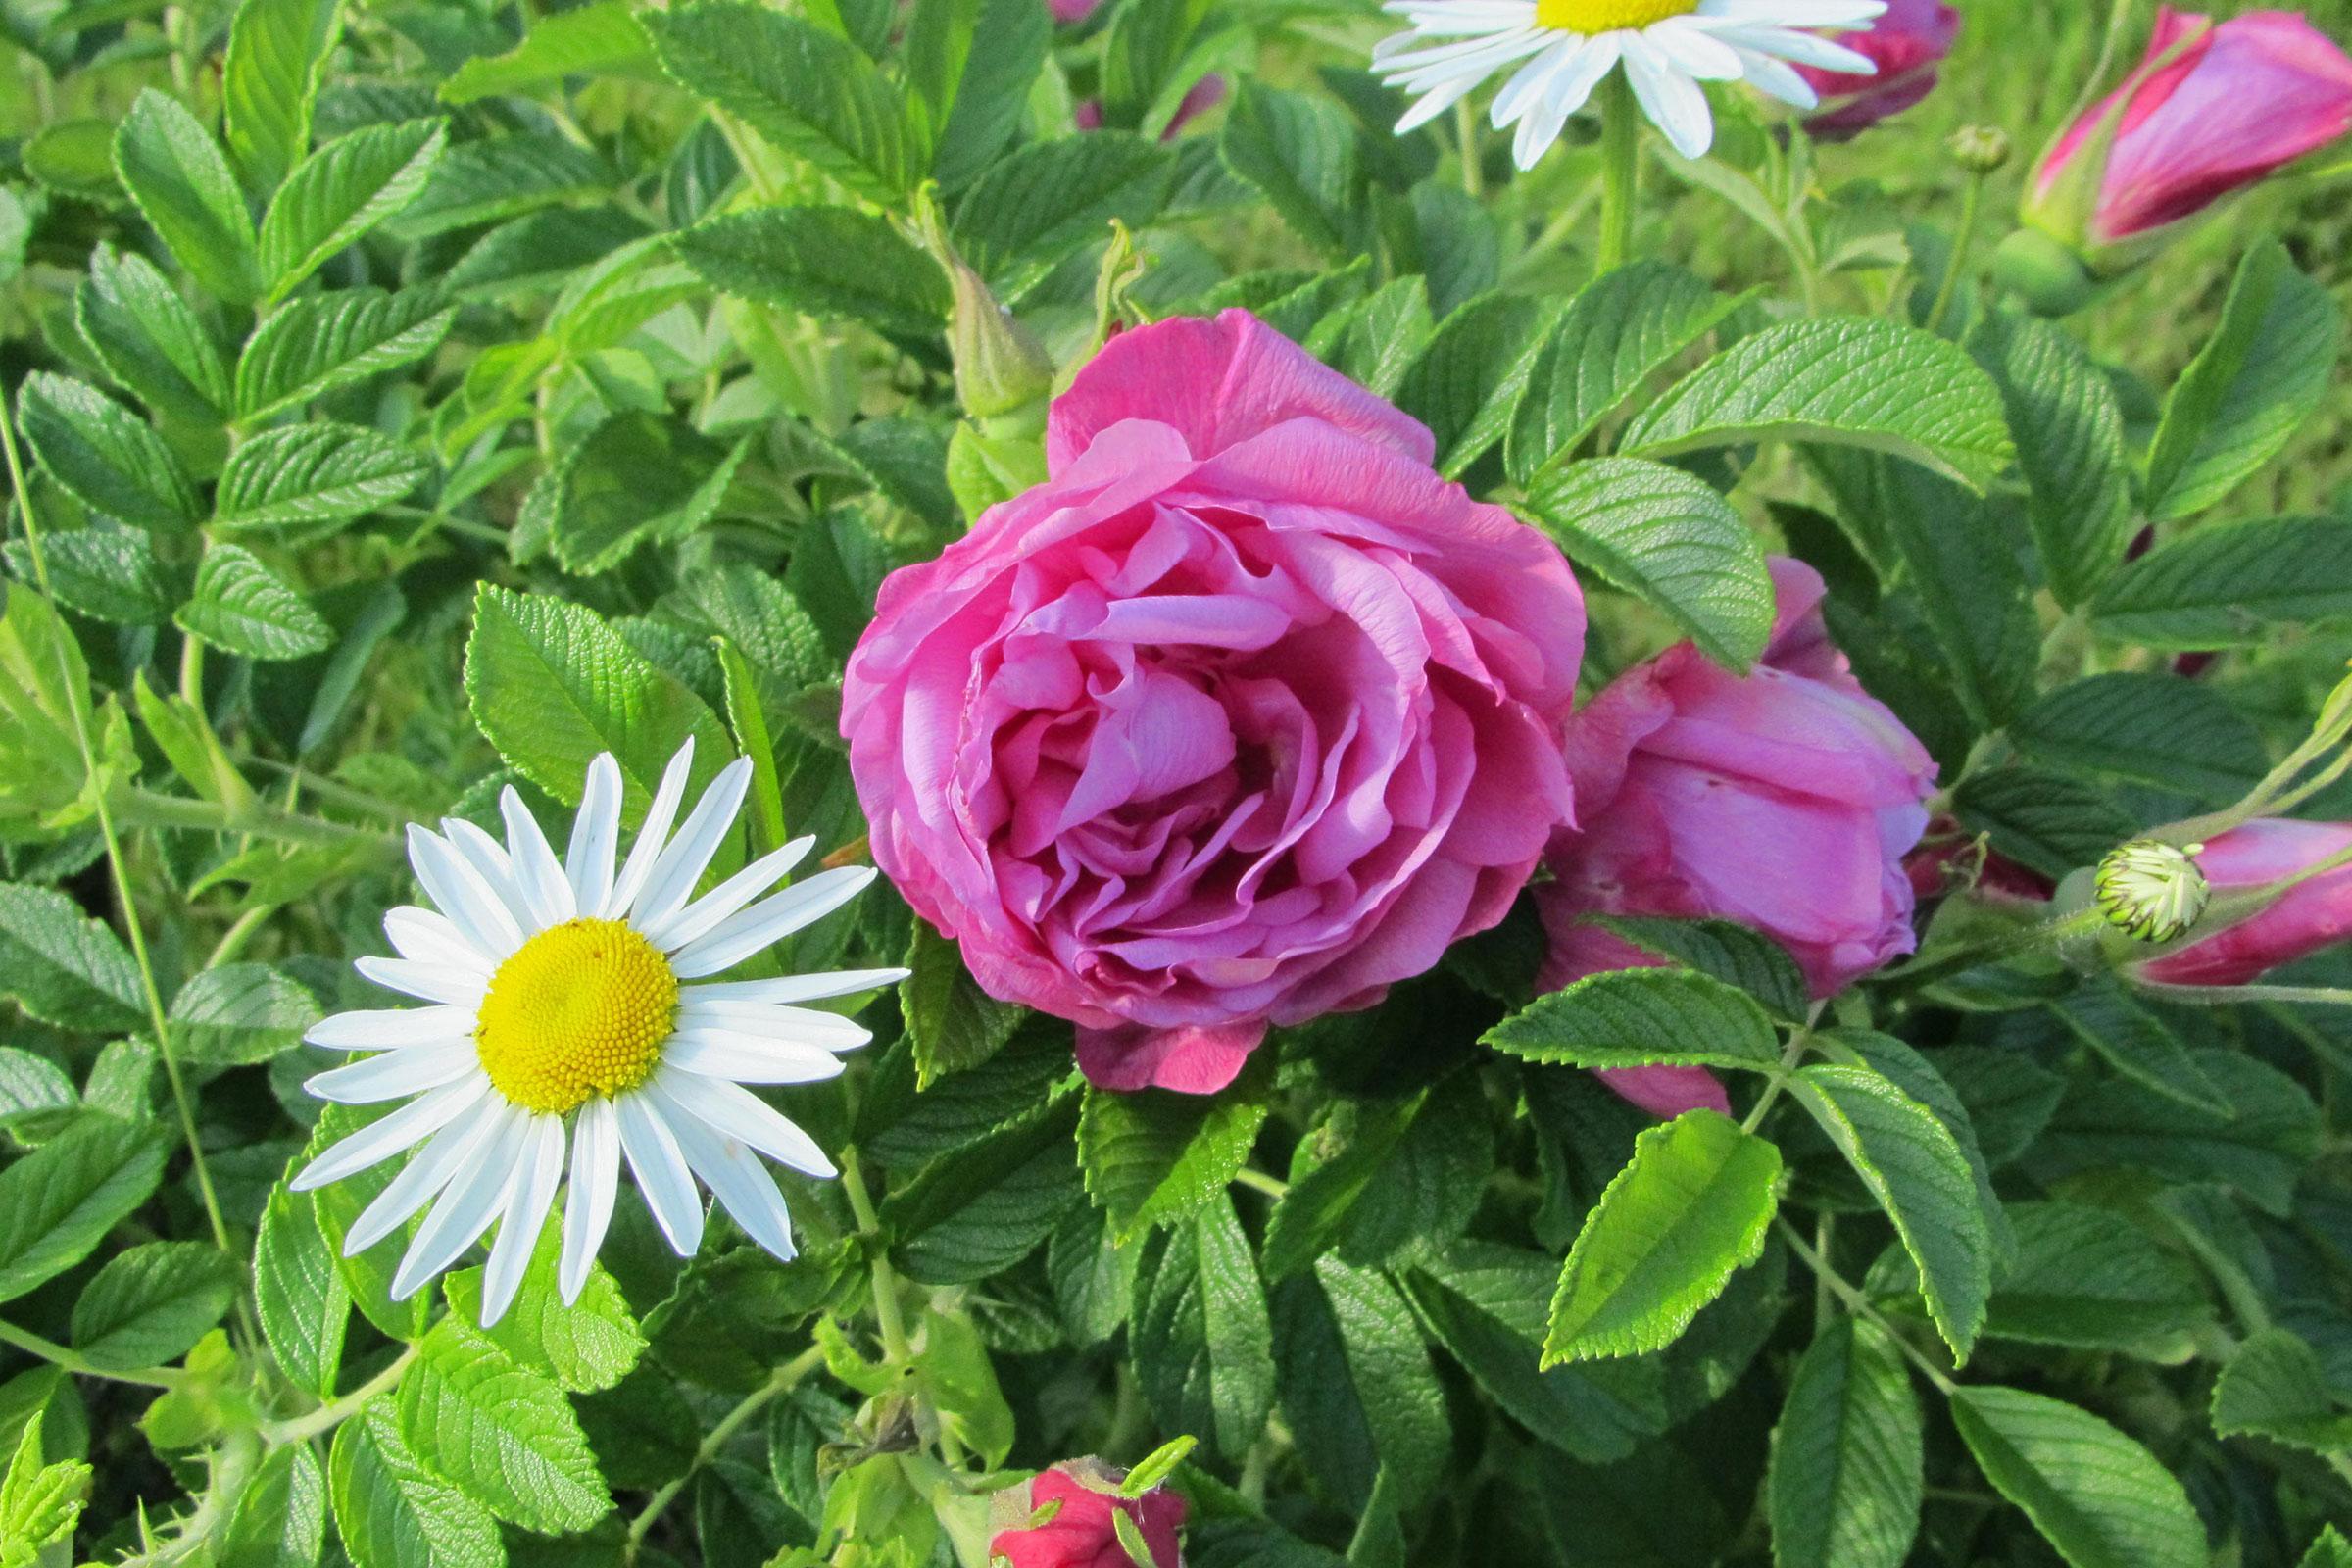 Apfelrose Rosa rugosa